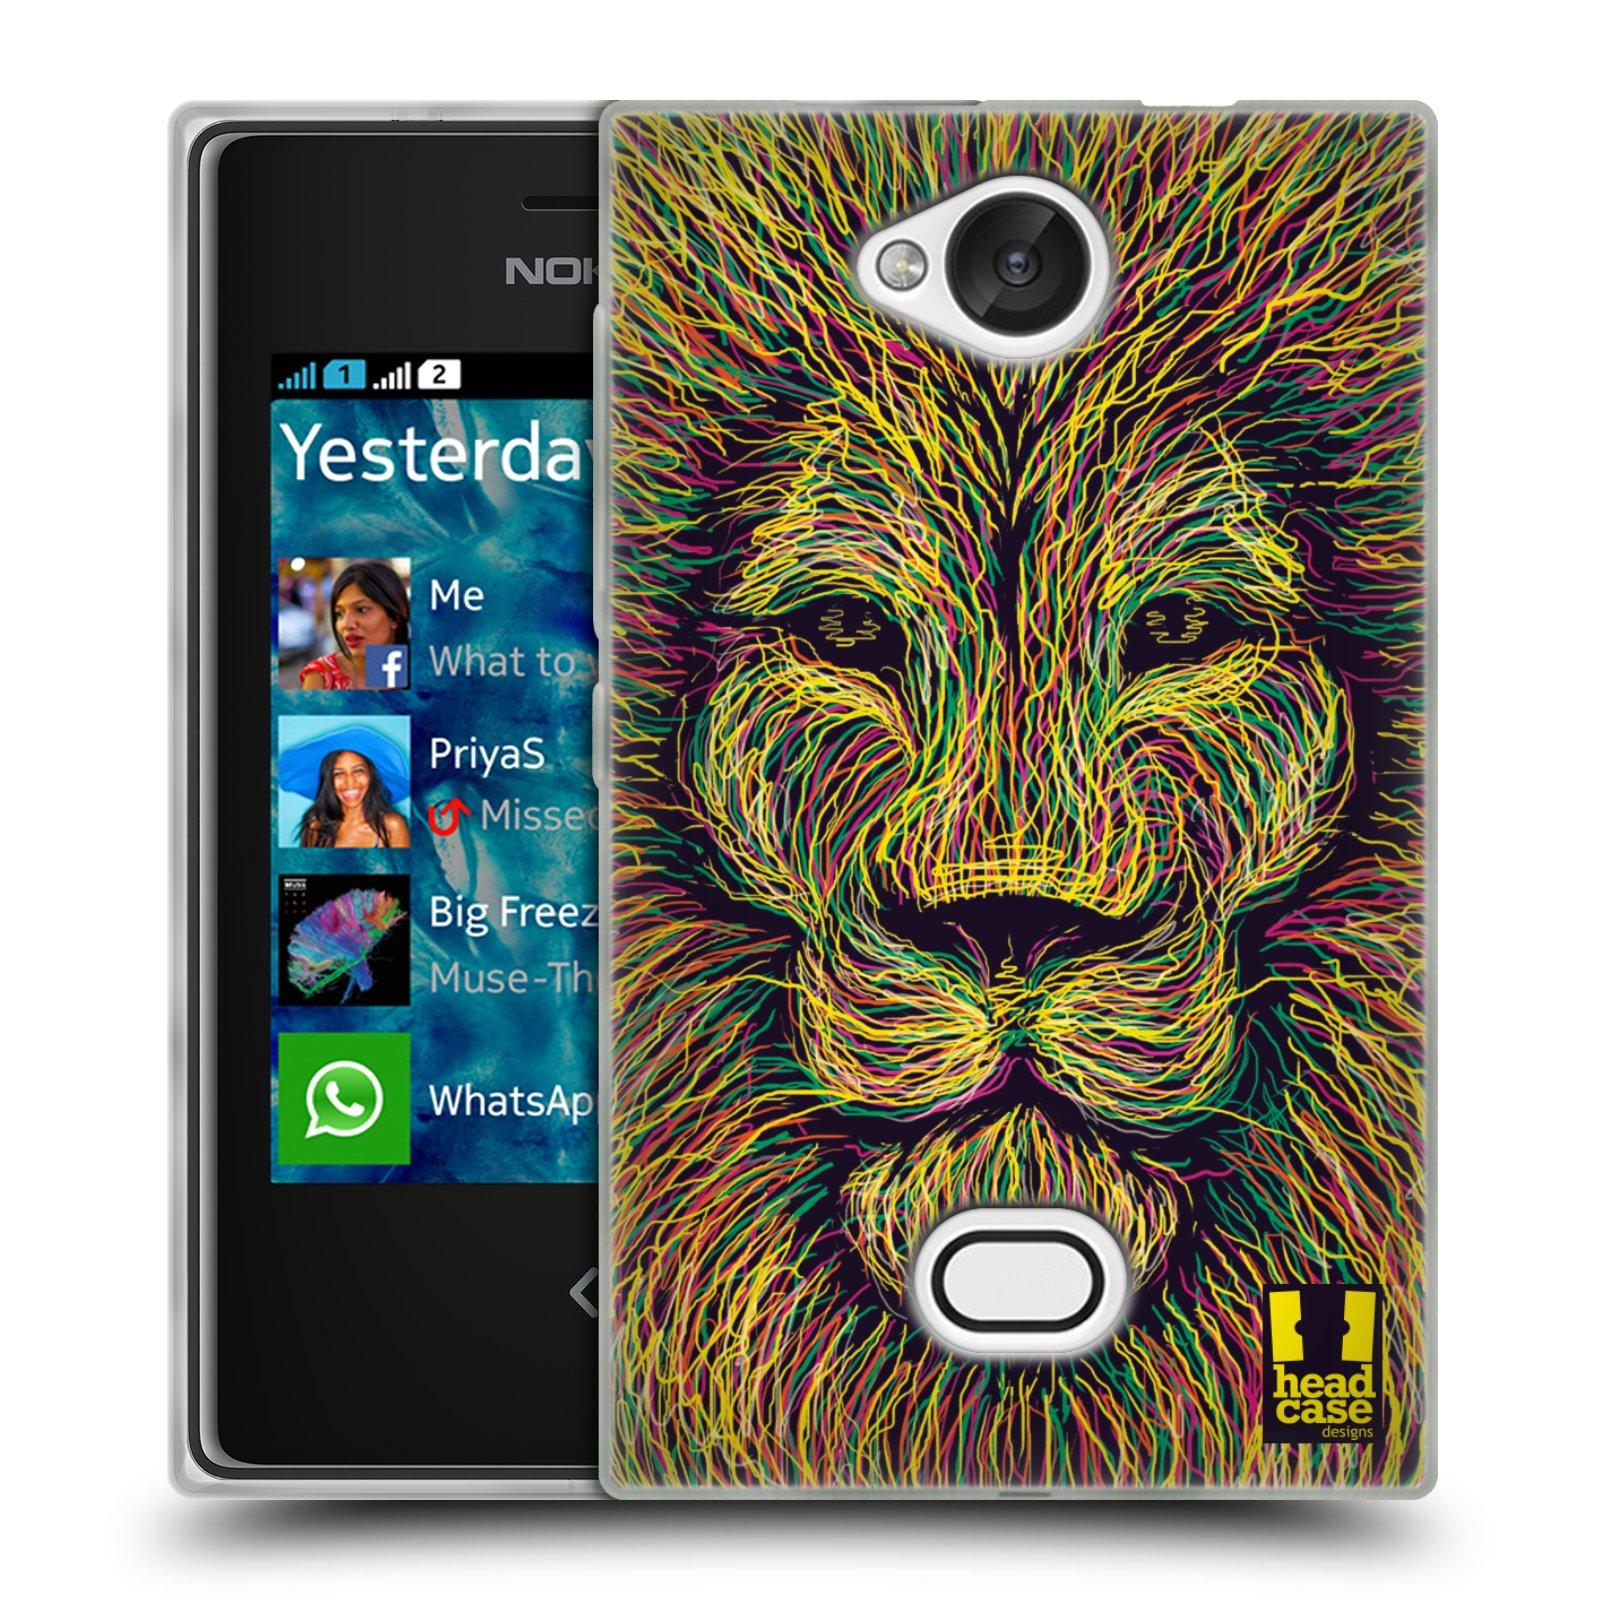 HEAD CASE silikonový obal na mobil NOKIA Asha 503 vzor zvíře čmáranice lev